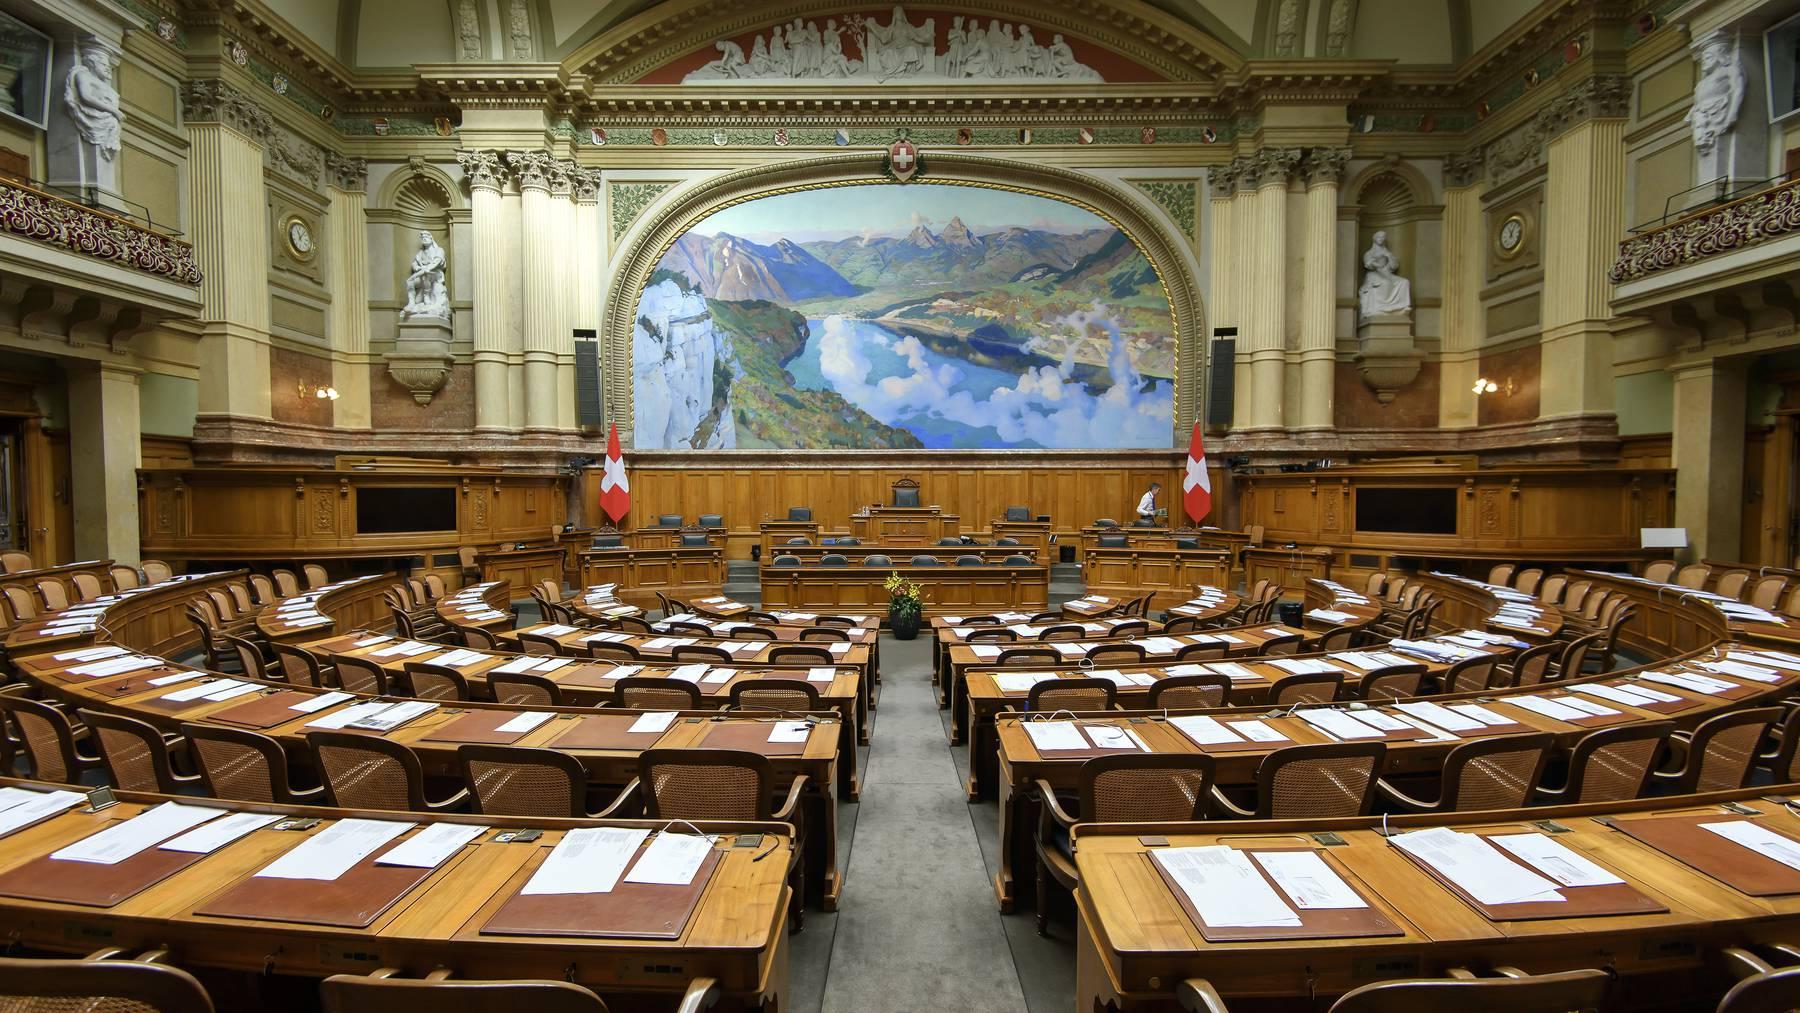 In der Coronakrise musste das Parlament das Feld räumen. In Zukunft soll dies nach dem Willen von Parlamentariern anders sein.